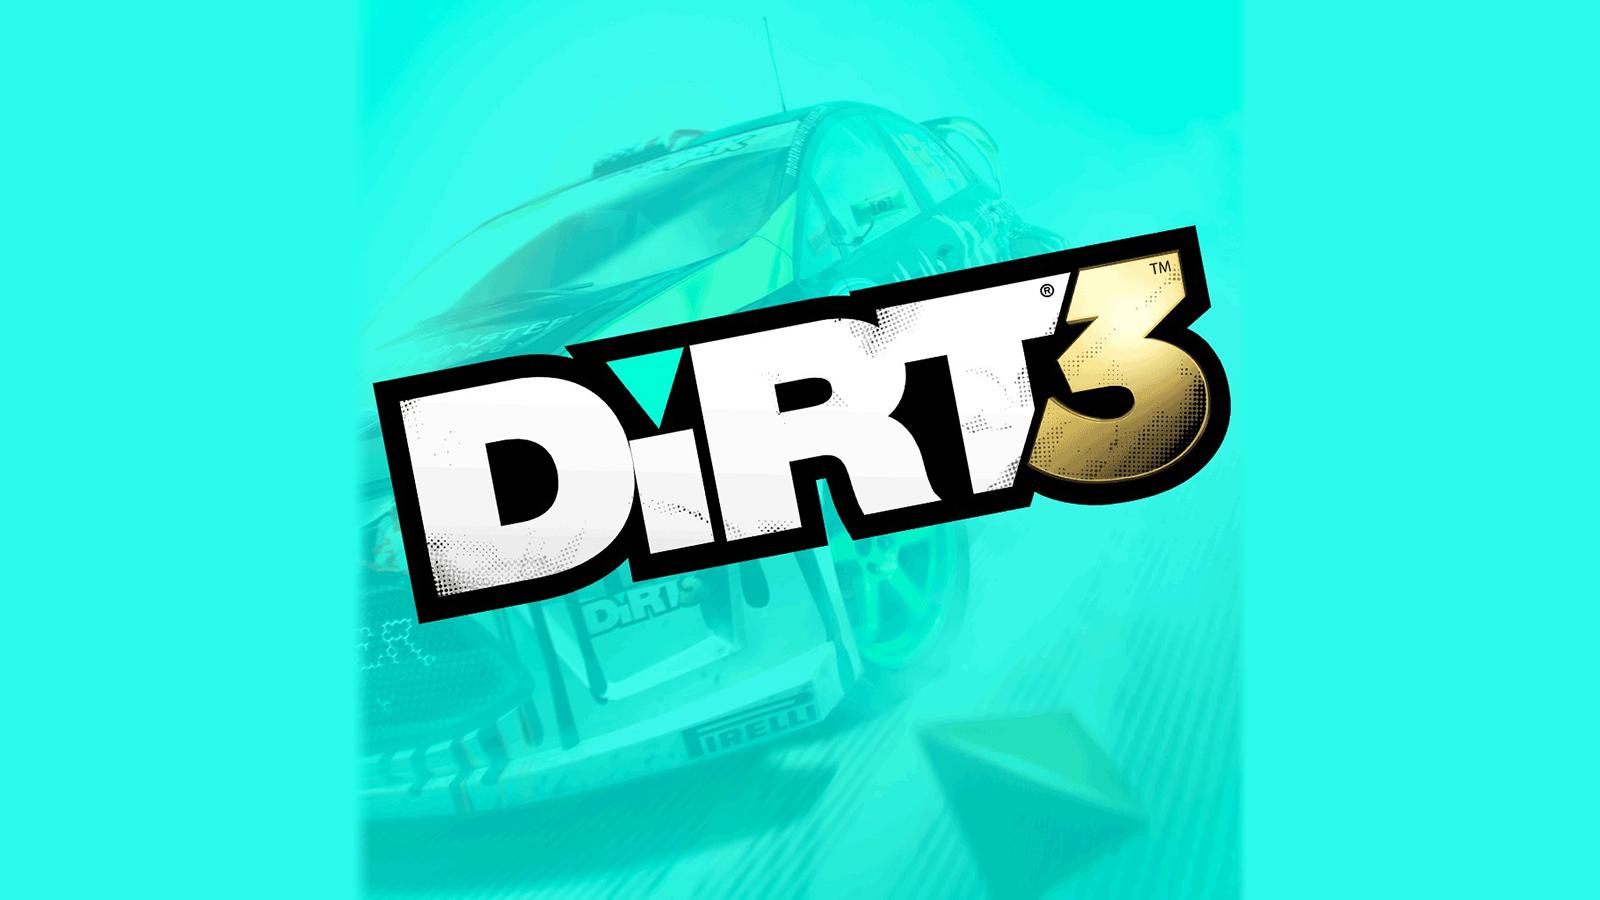 dirt 3 game ps3 playstation. Black Bedroom Furniture Sets. Home Design Ideas